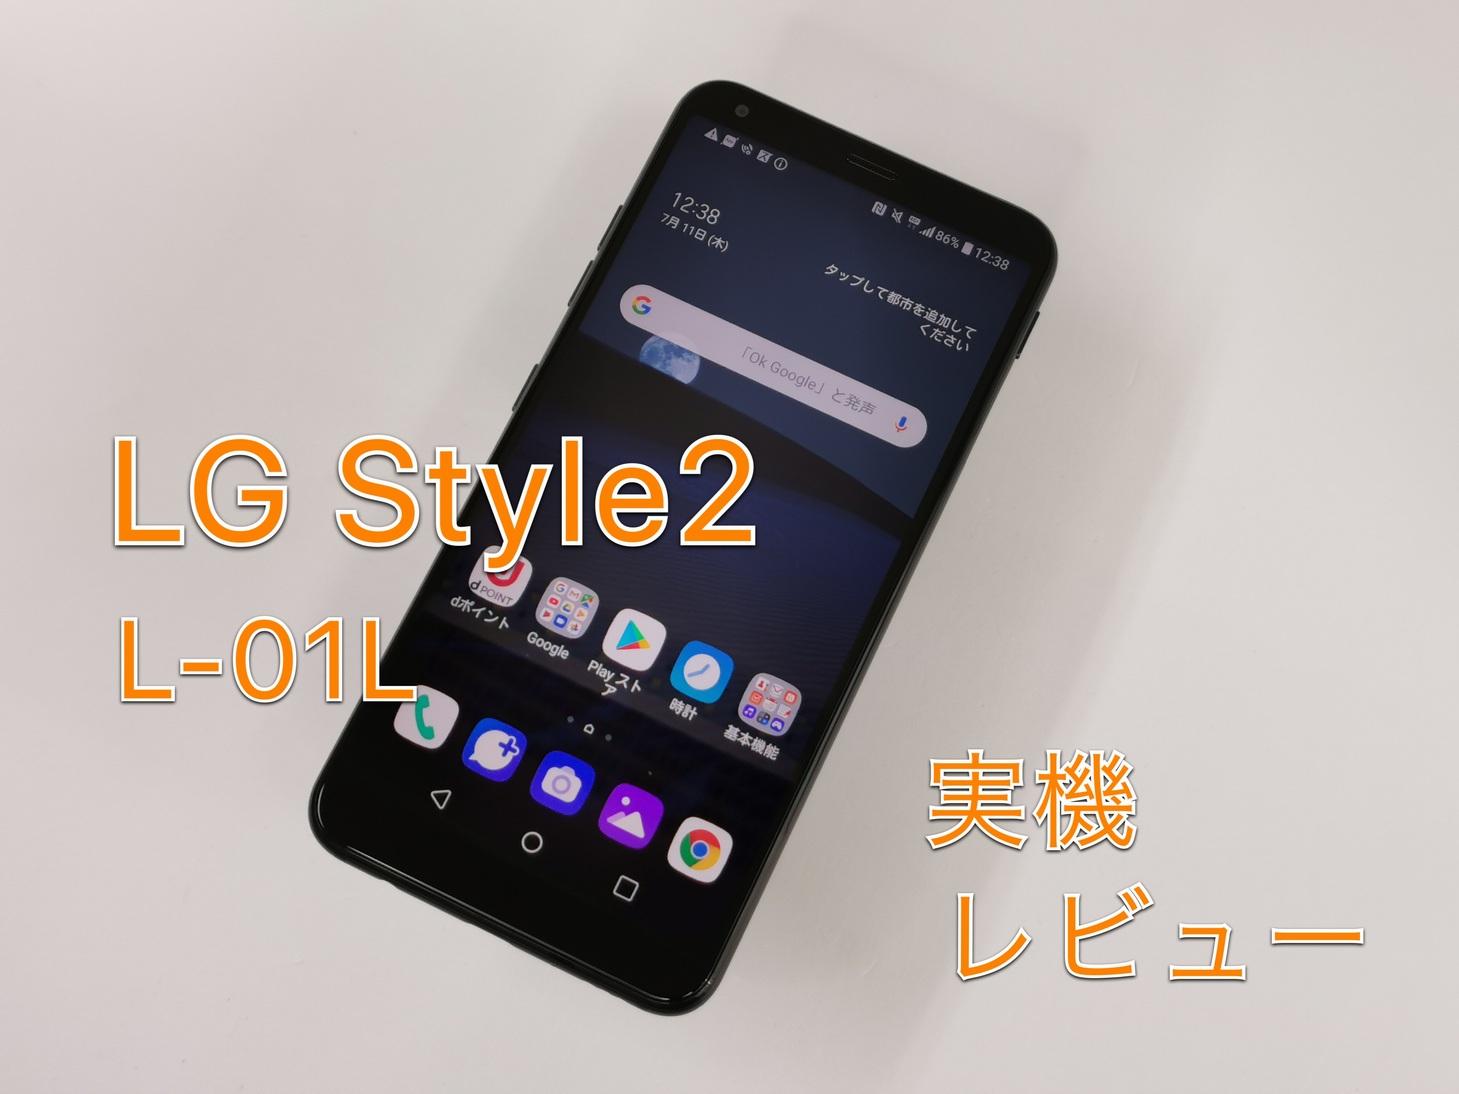 LG Syle2 L-01L レビュー 大画面/DAC/広角カメラなどエンタメ方面を38,880円で楽しめるドコモスマホ